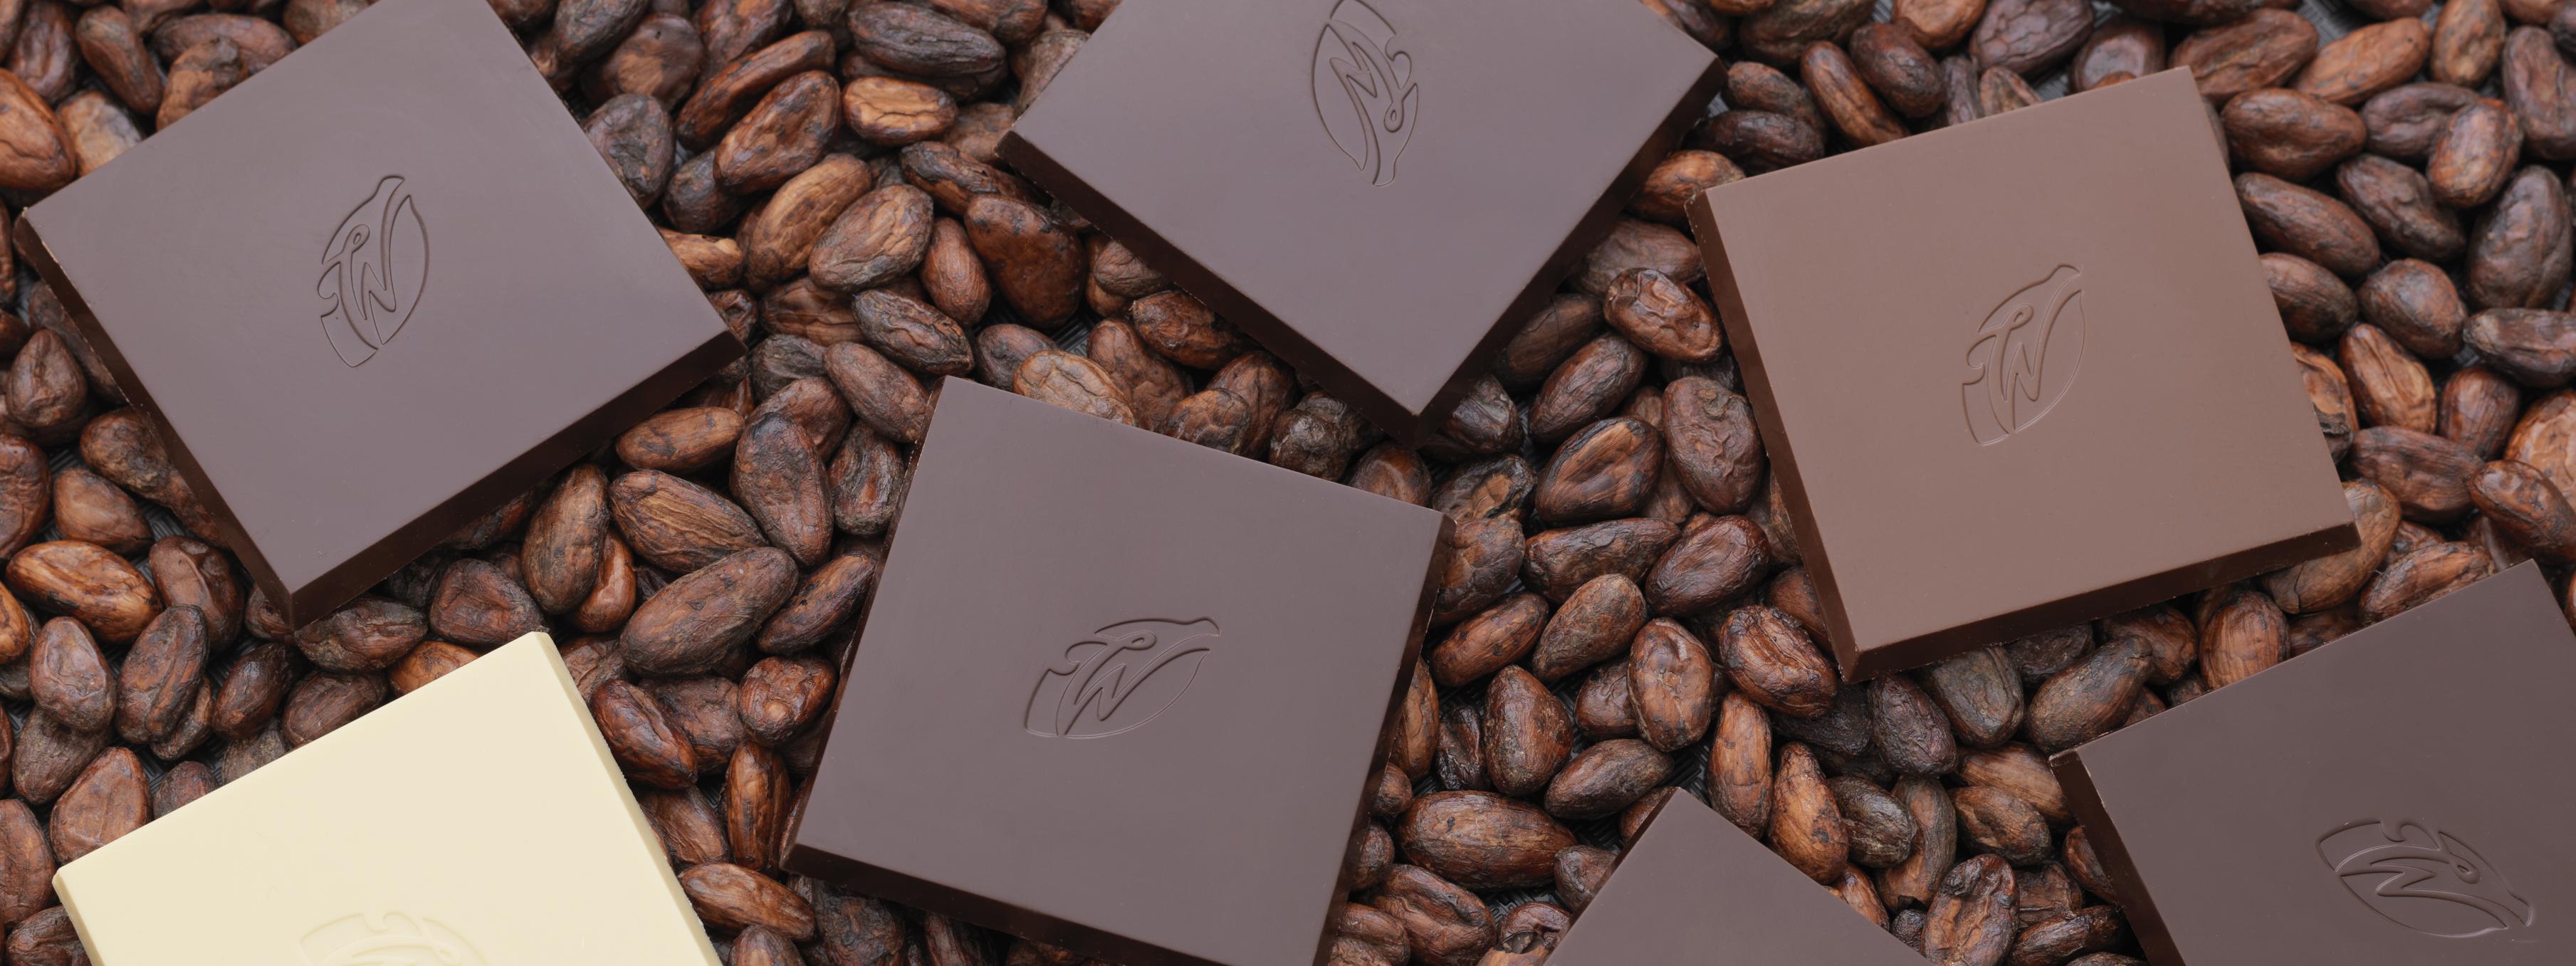 beans-bars-1600-600-0004